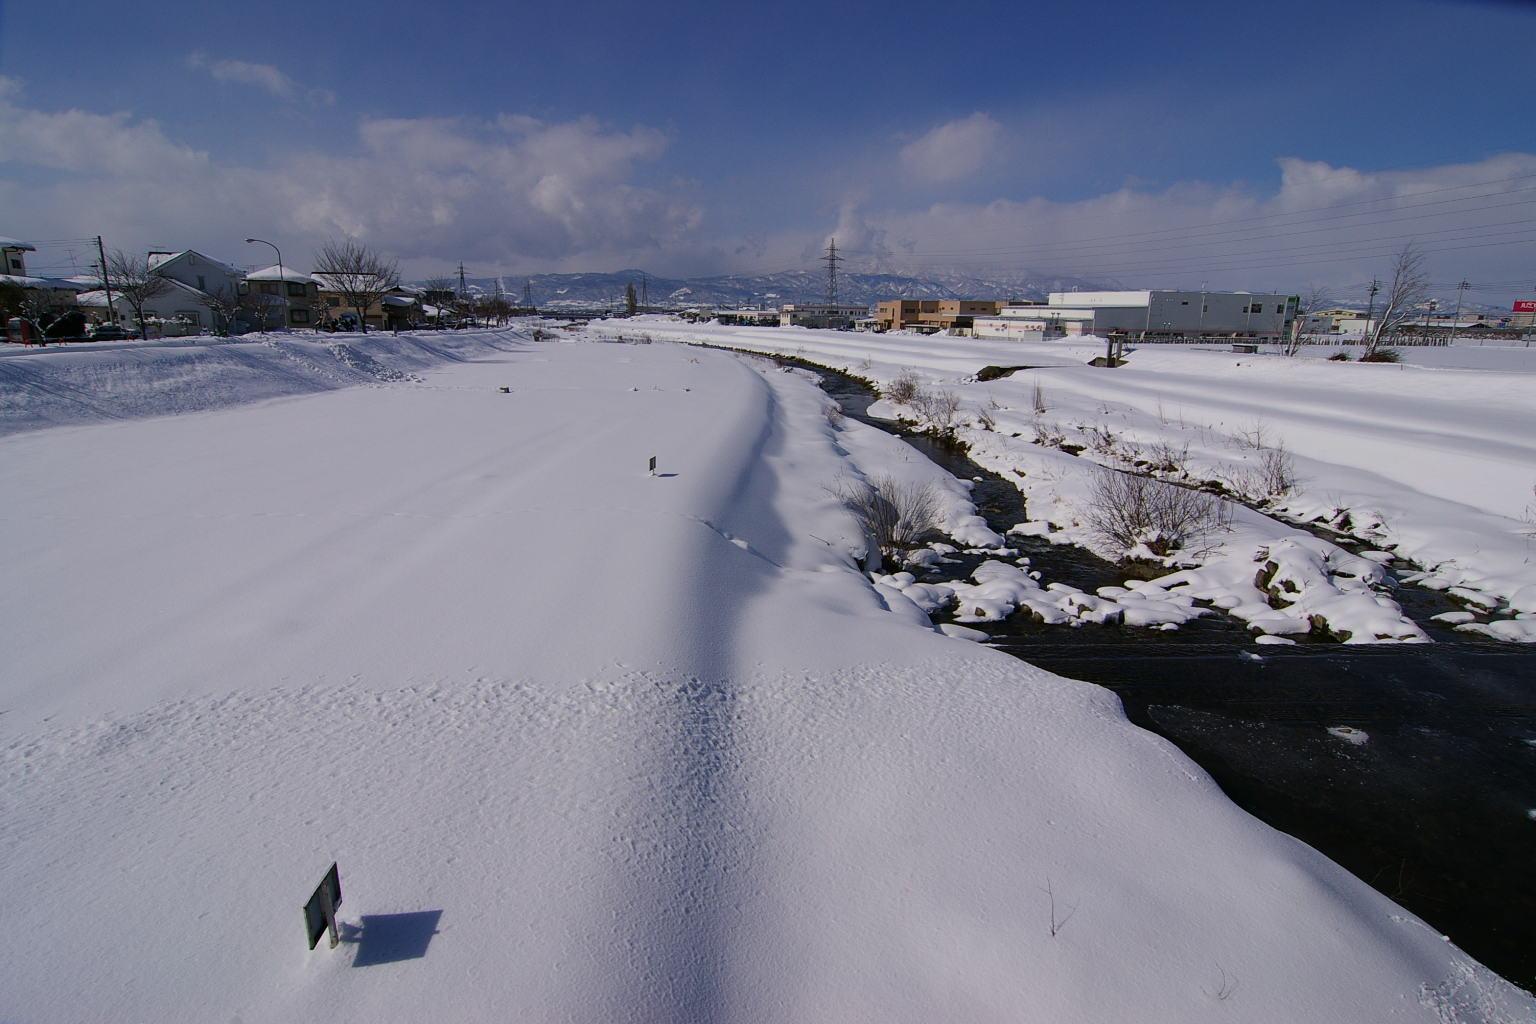 冬の野川 看板の影、そして葉山遠景